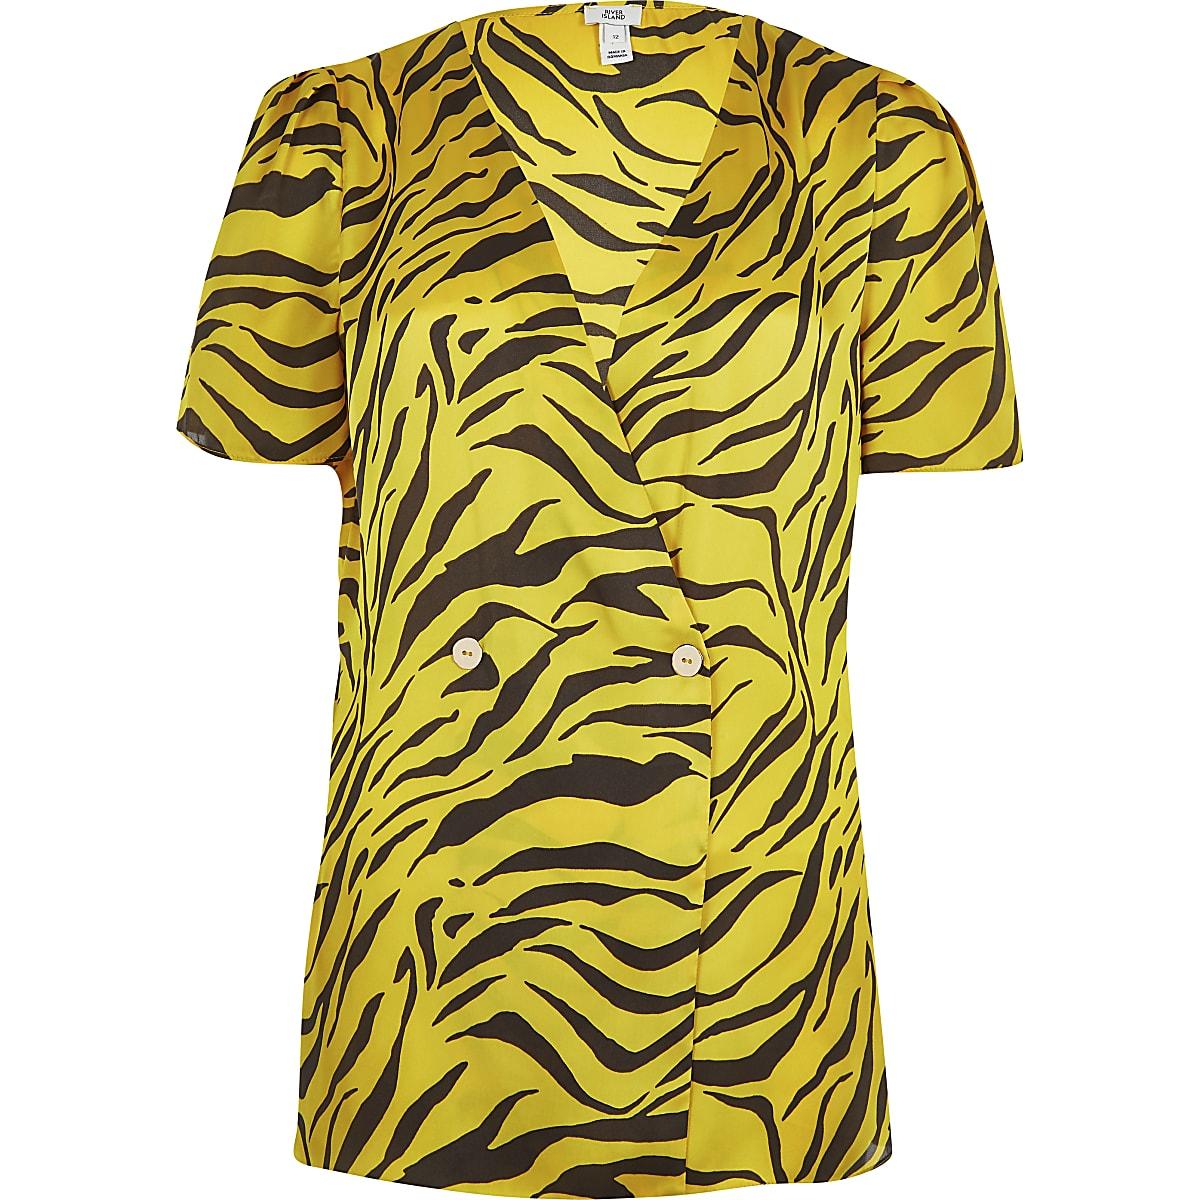 9b97ab42 Yellow zebra print blouse - Blouses - Tops - women